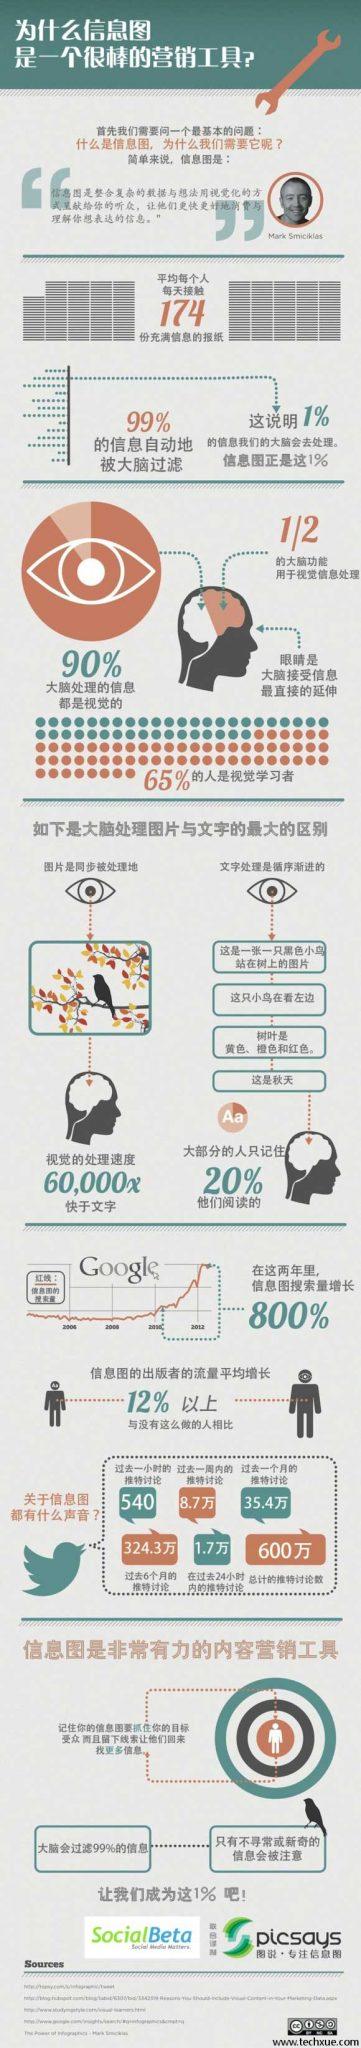 数据信息图营销的12条技巧